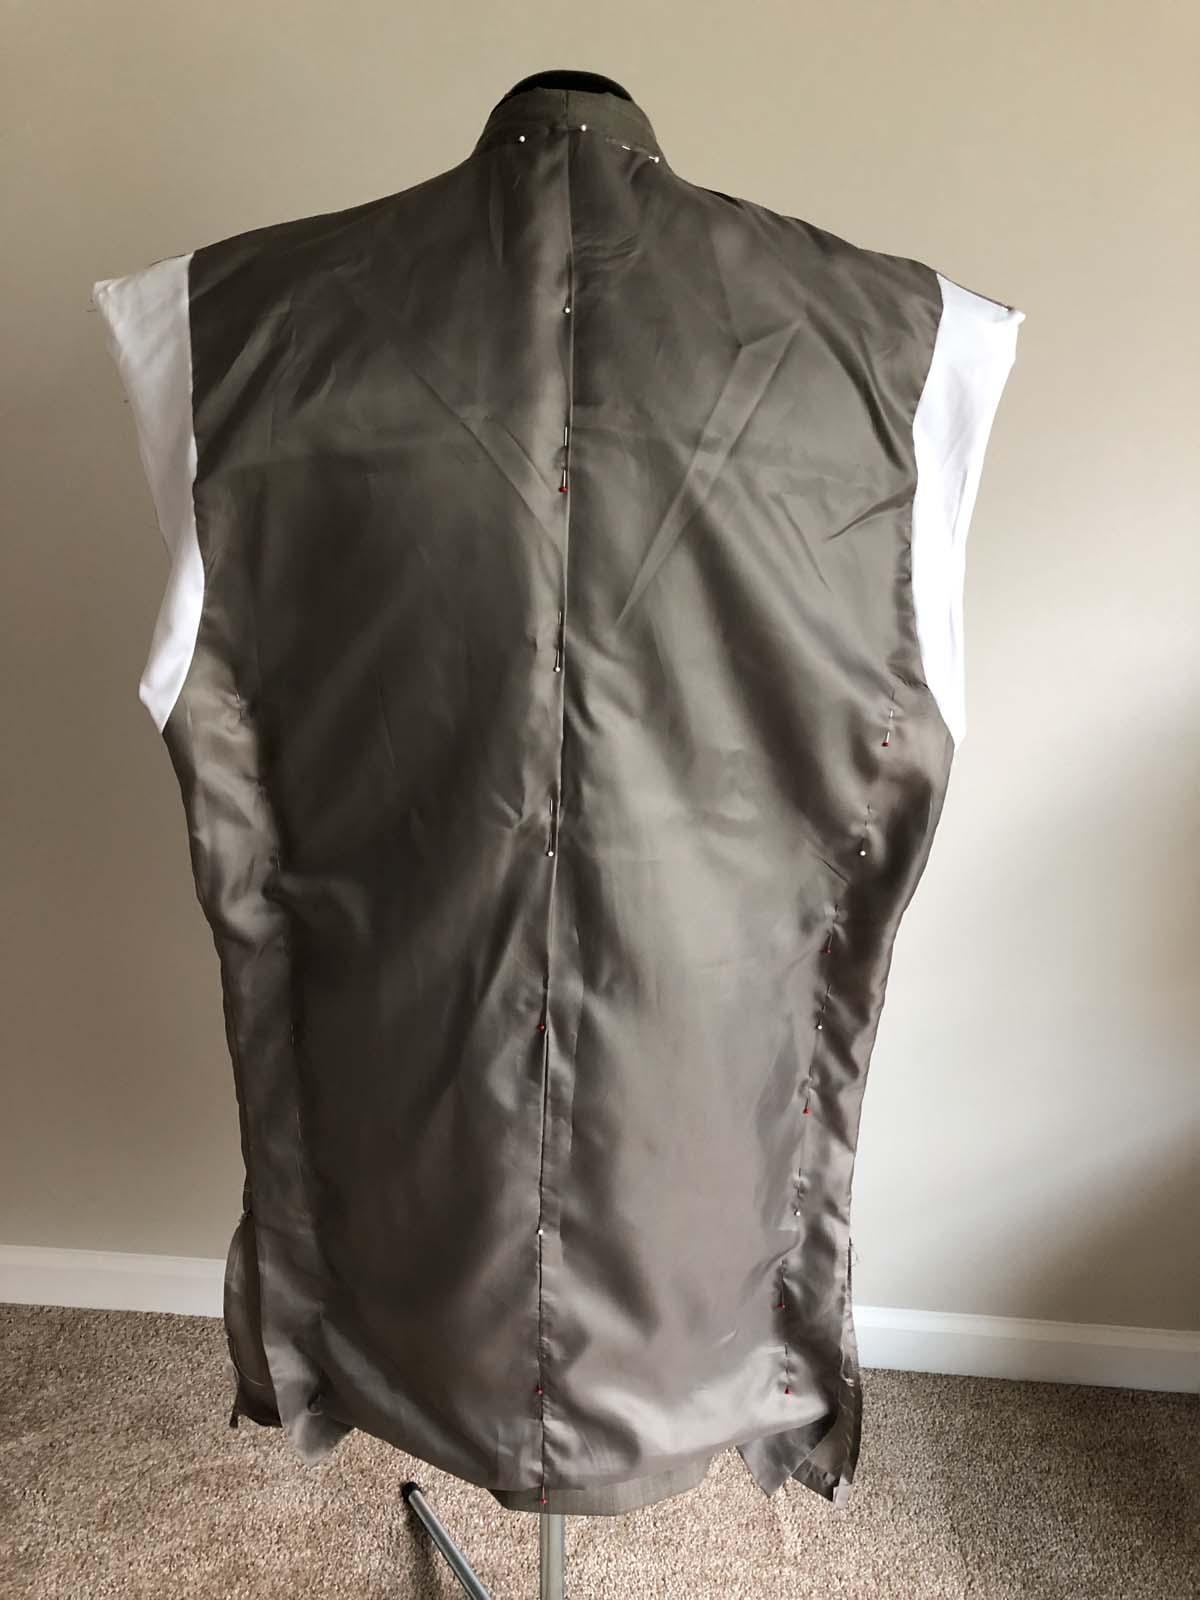 Drape-fitting the jacket lining